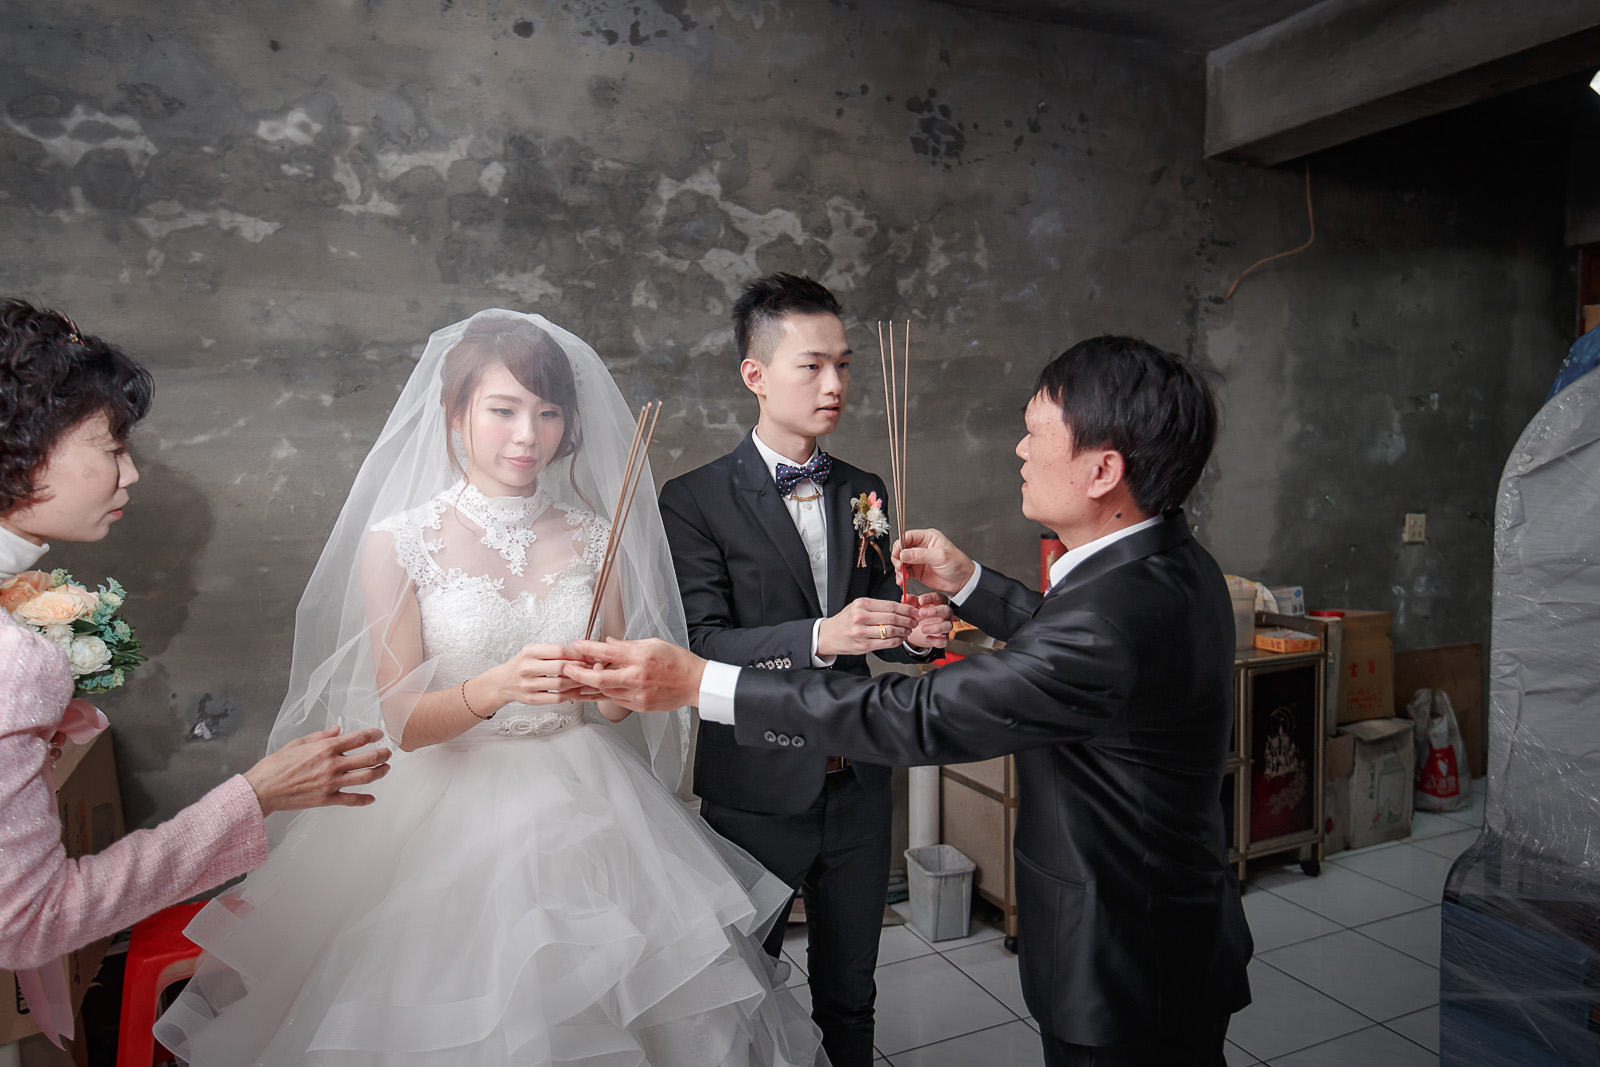 高雄圓山飯店,婚禮攝影,婚攝,高雄婚攝,優質婚攝推薦,Jen&Ethan-176